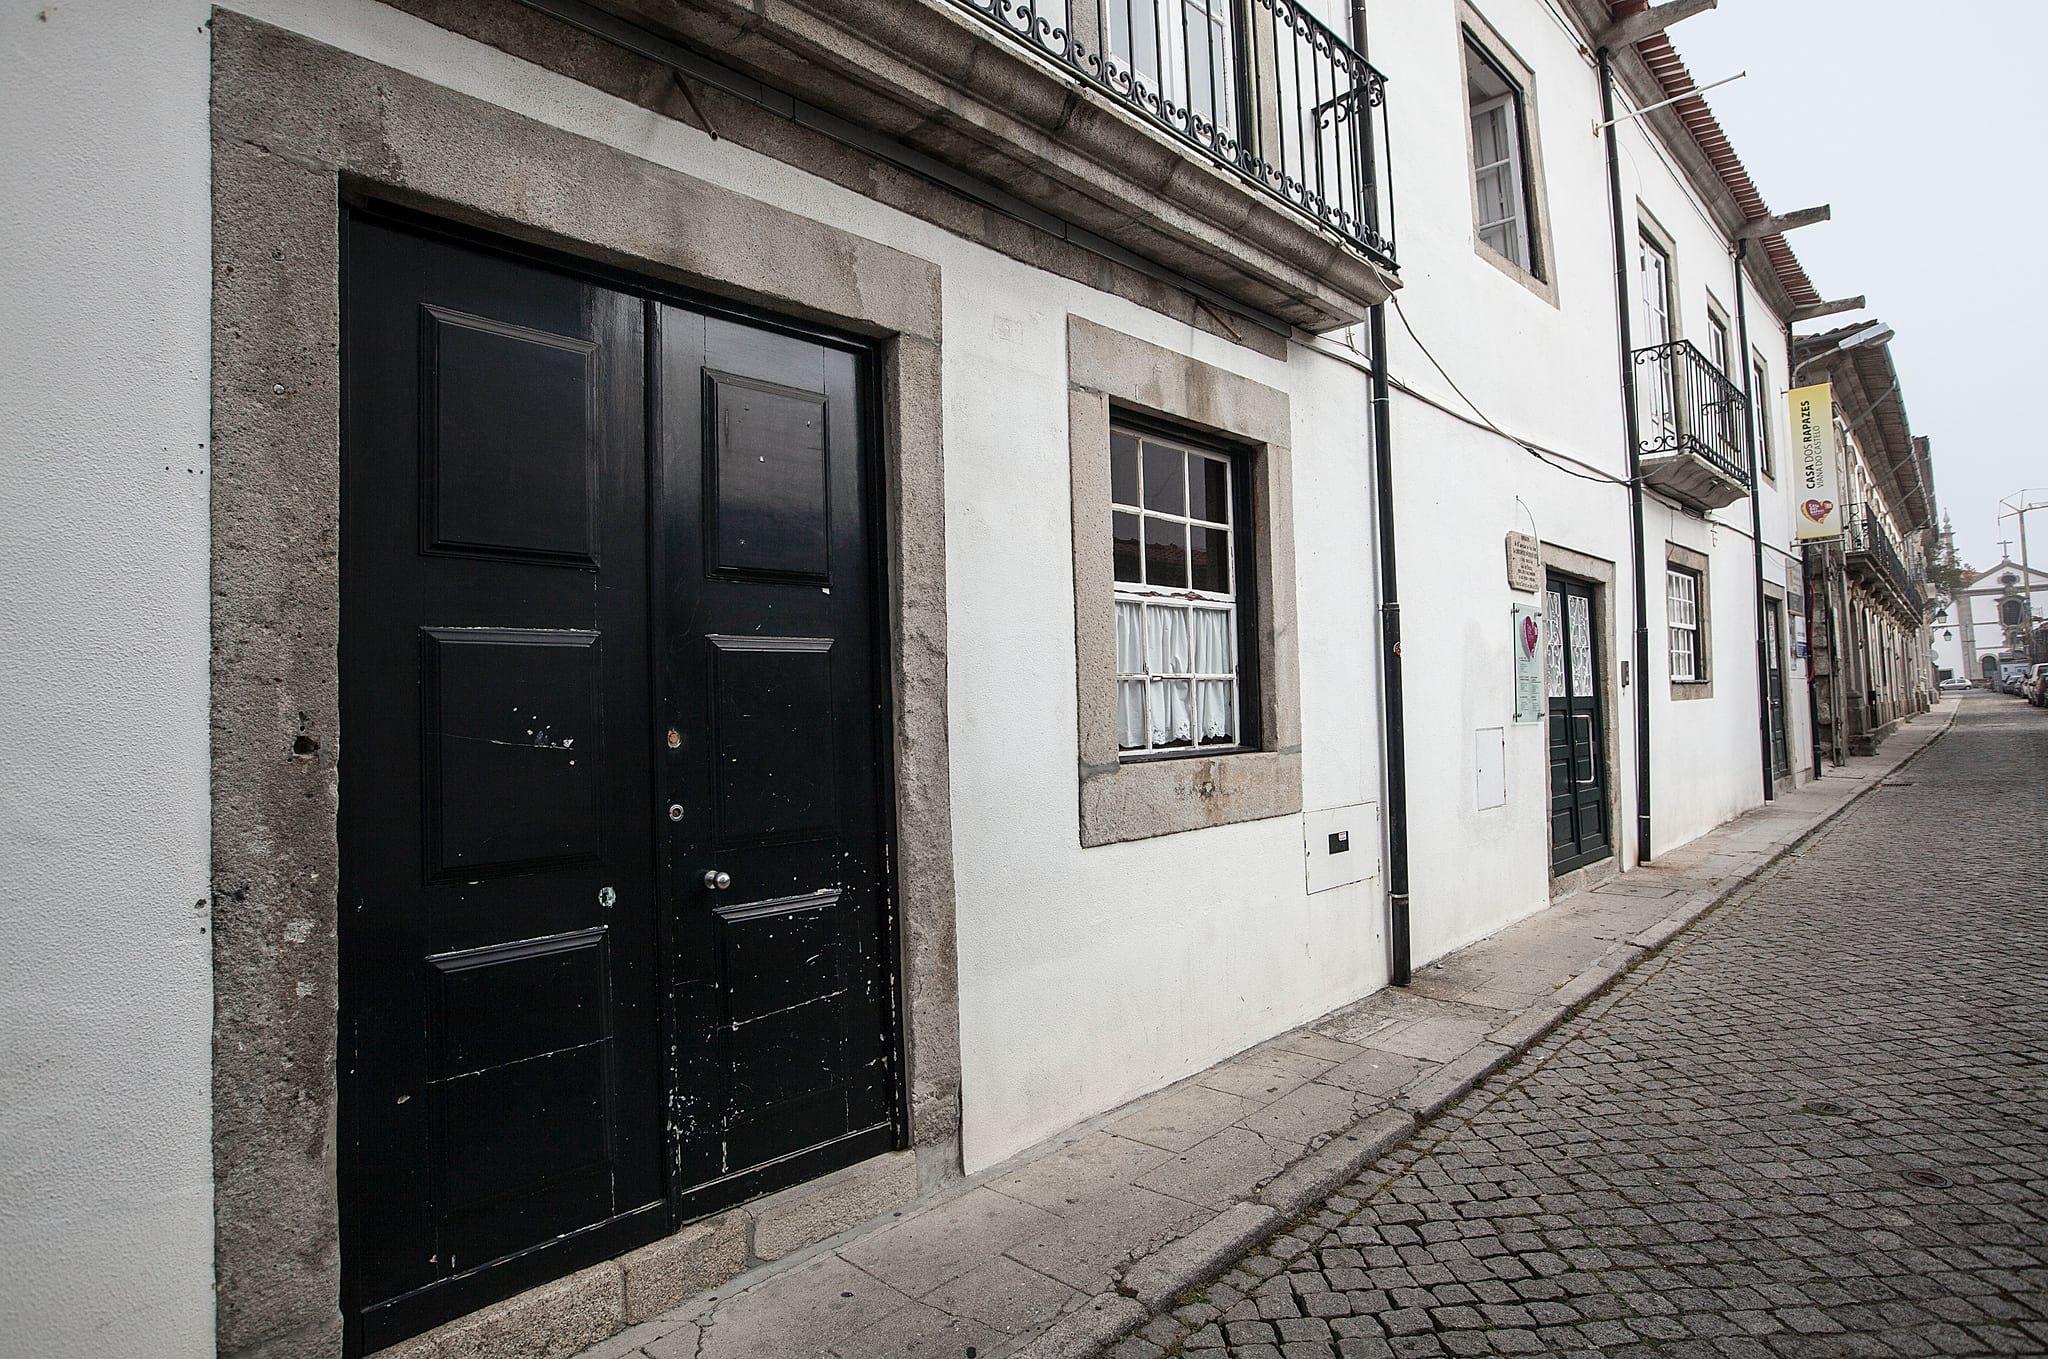 Casa dos Rapazes de Viana do Castelo